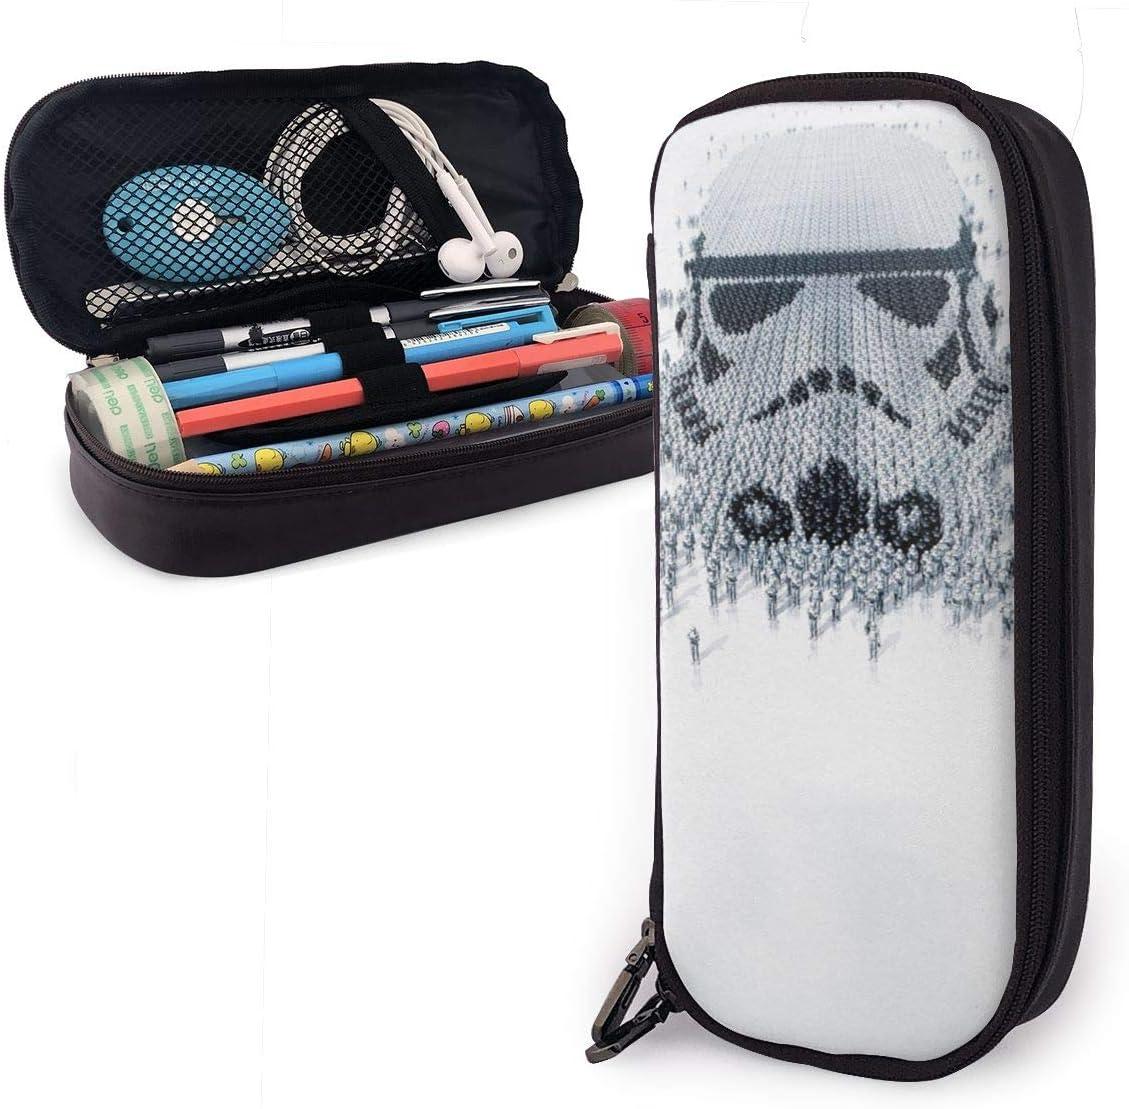 Estuche de piel Star Wars, de gran capacidad, con cremallera duradera para artículos de papelería y otros suministros escolares: Amazon.es: Oficina y papelería